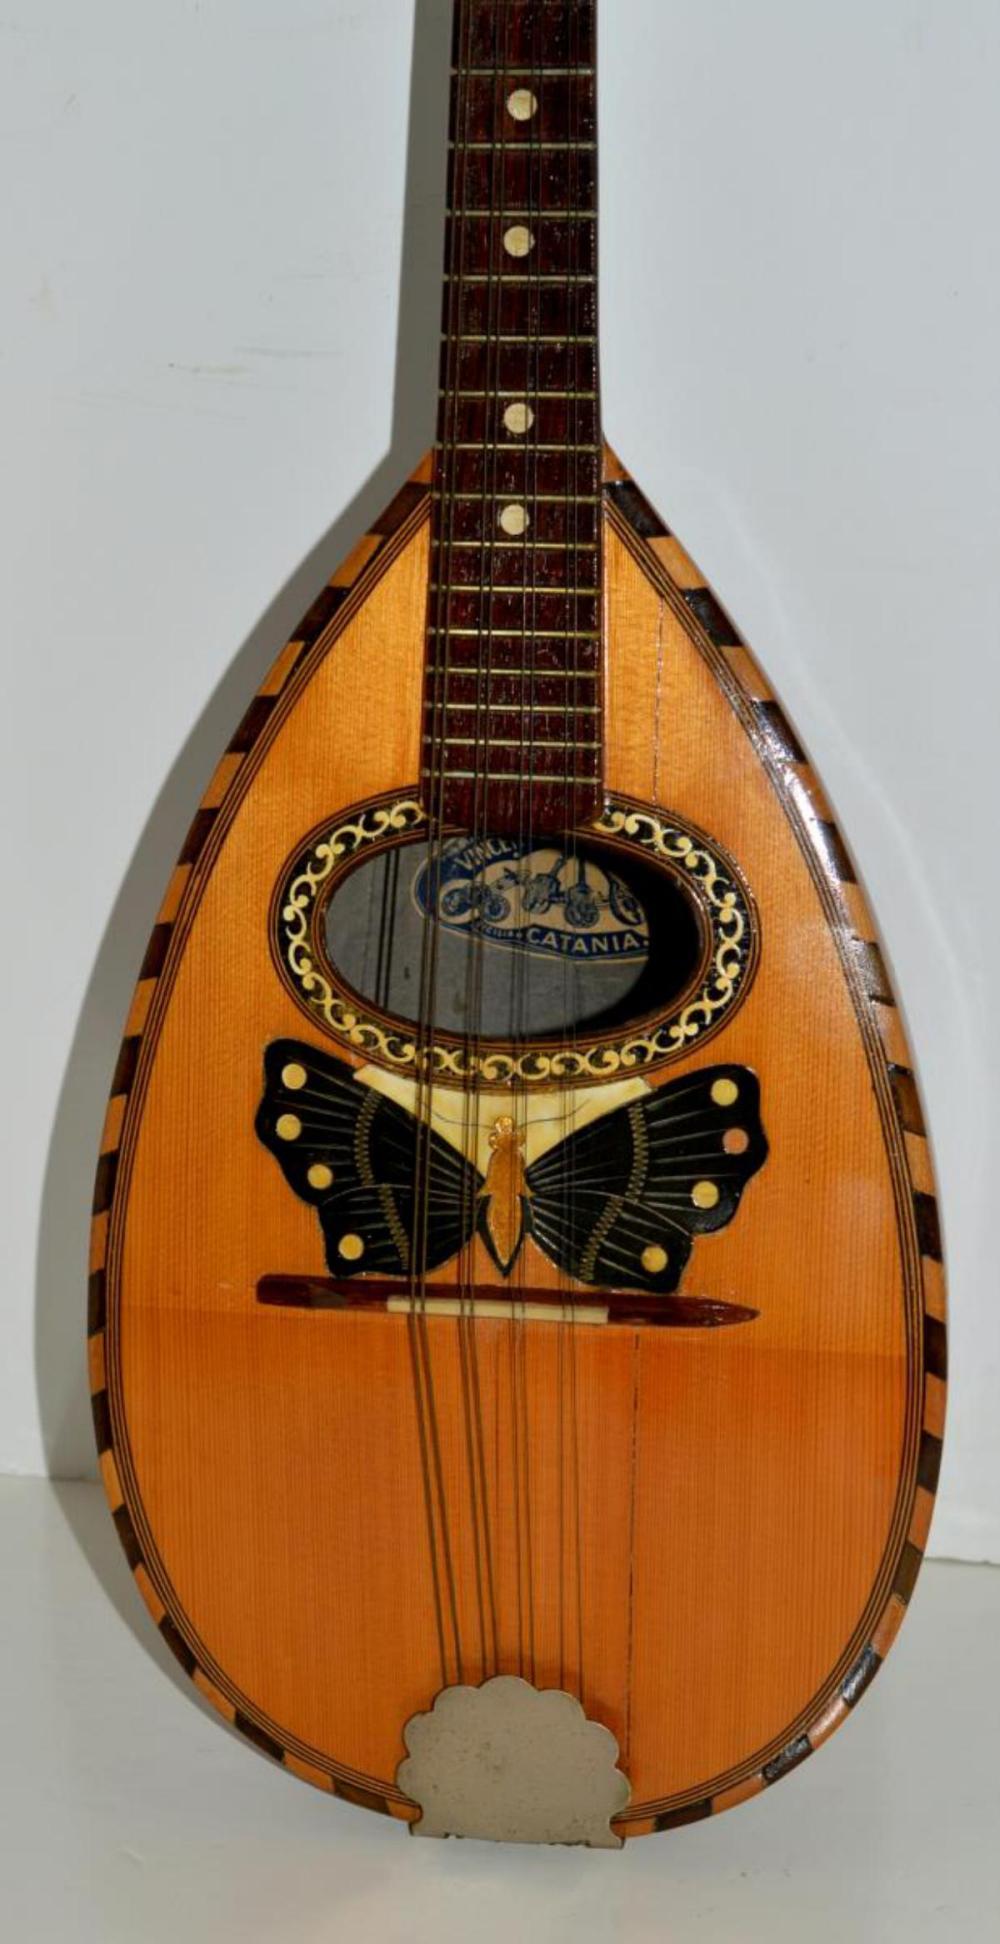 Vincenzo Miroglio & Figli Bowl Back Mandolin Italy